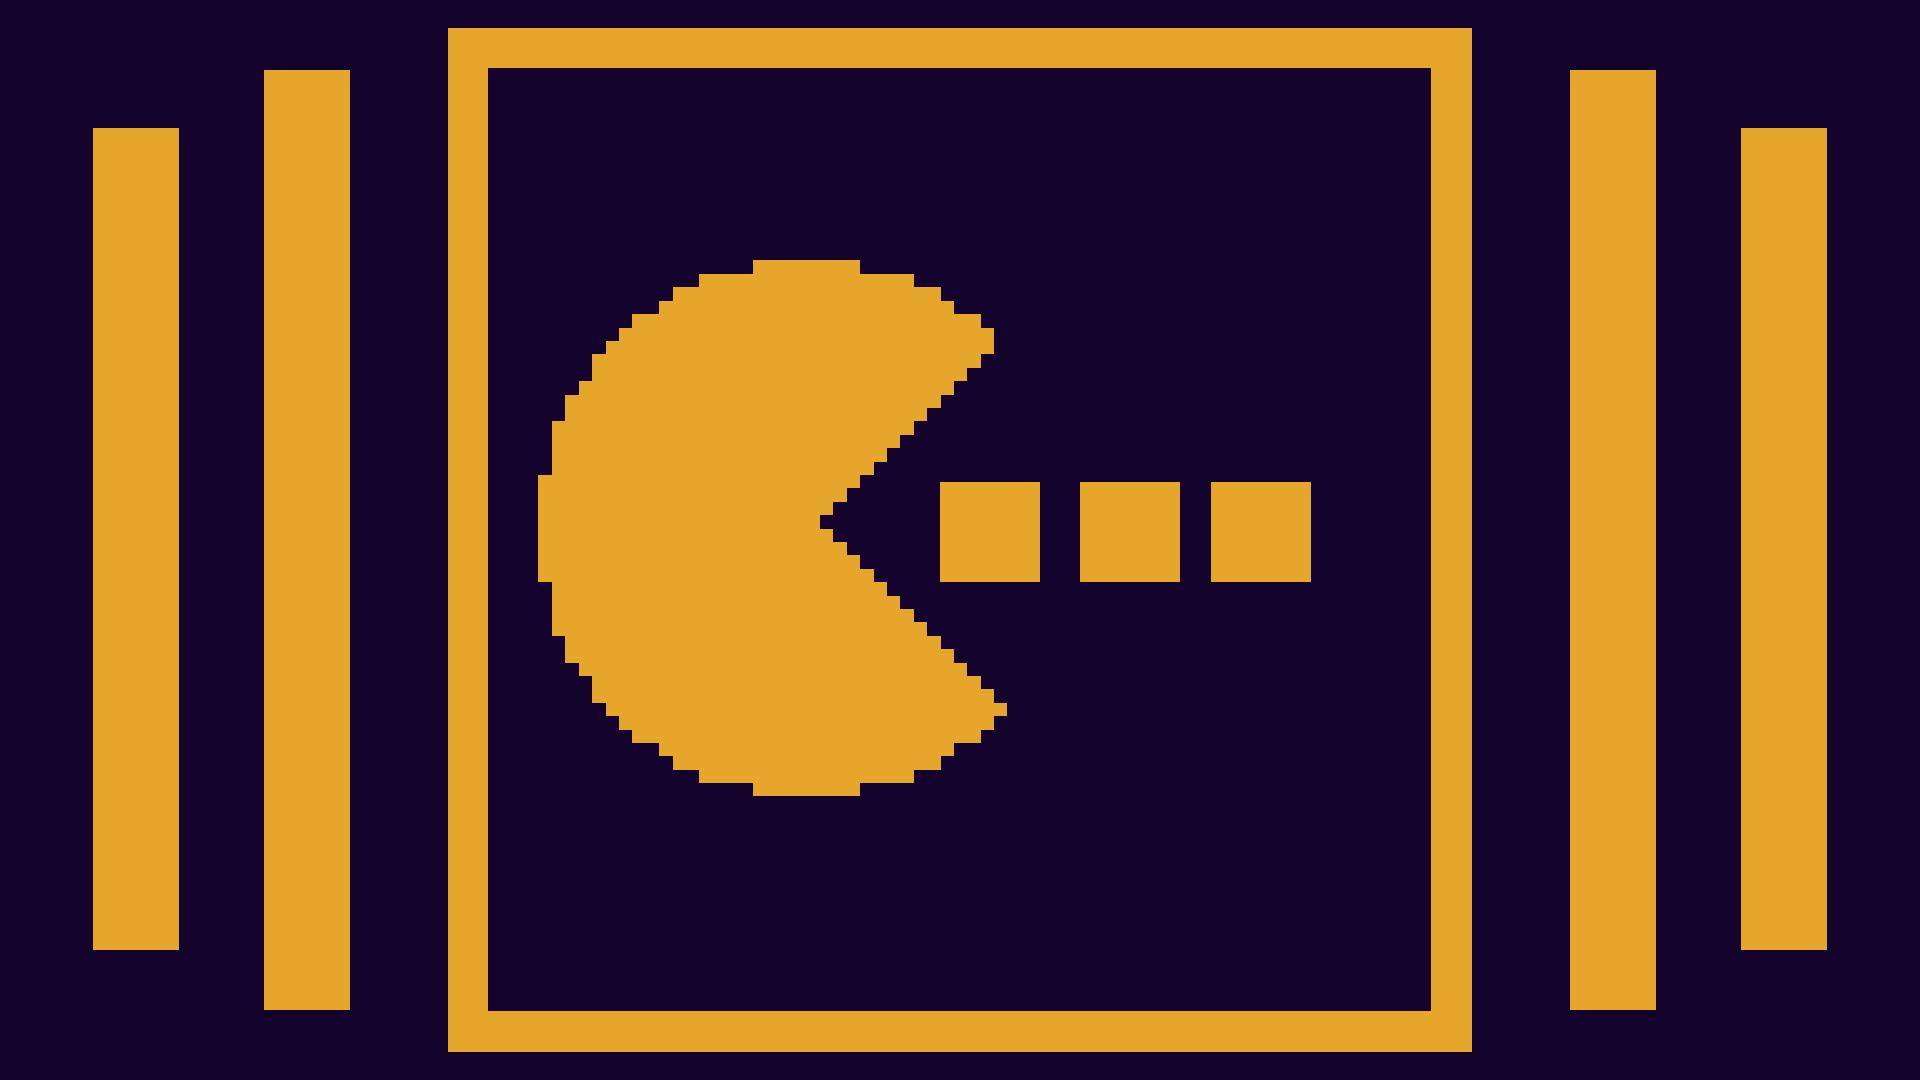 Icon for Waka Waka Waka